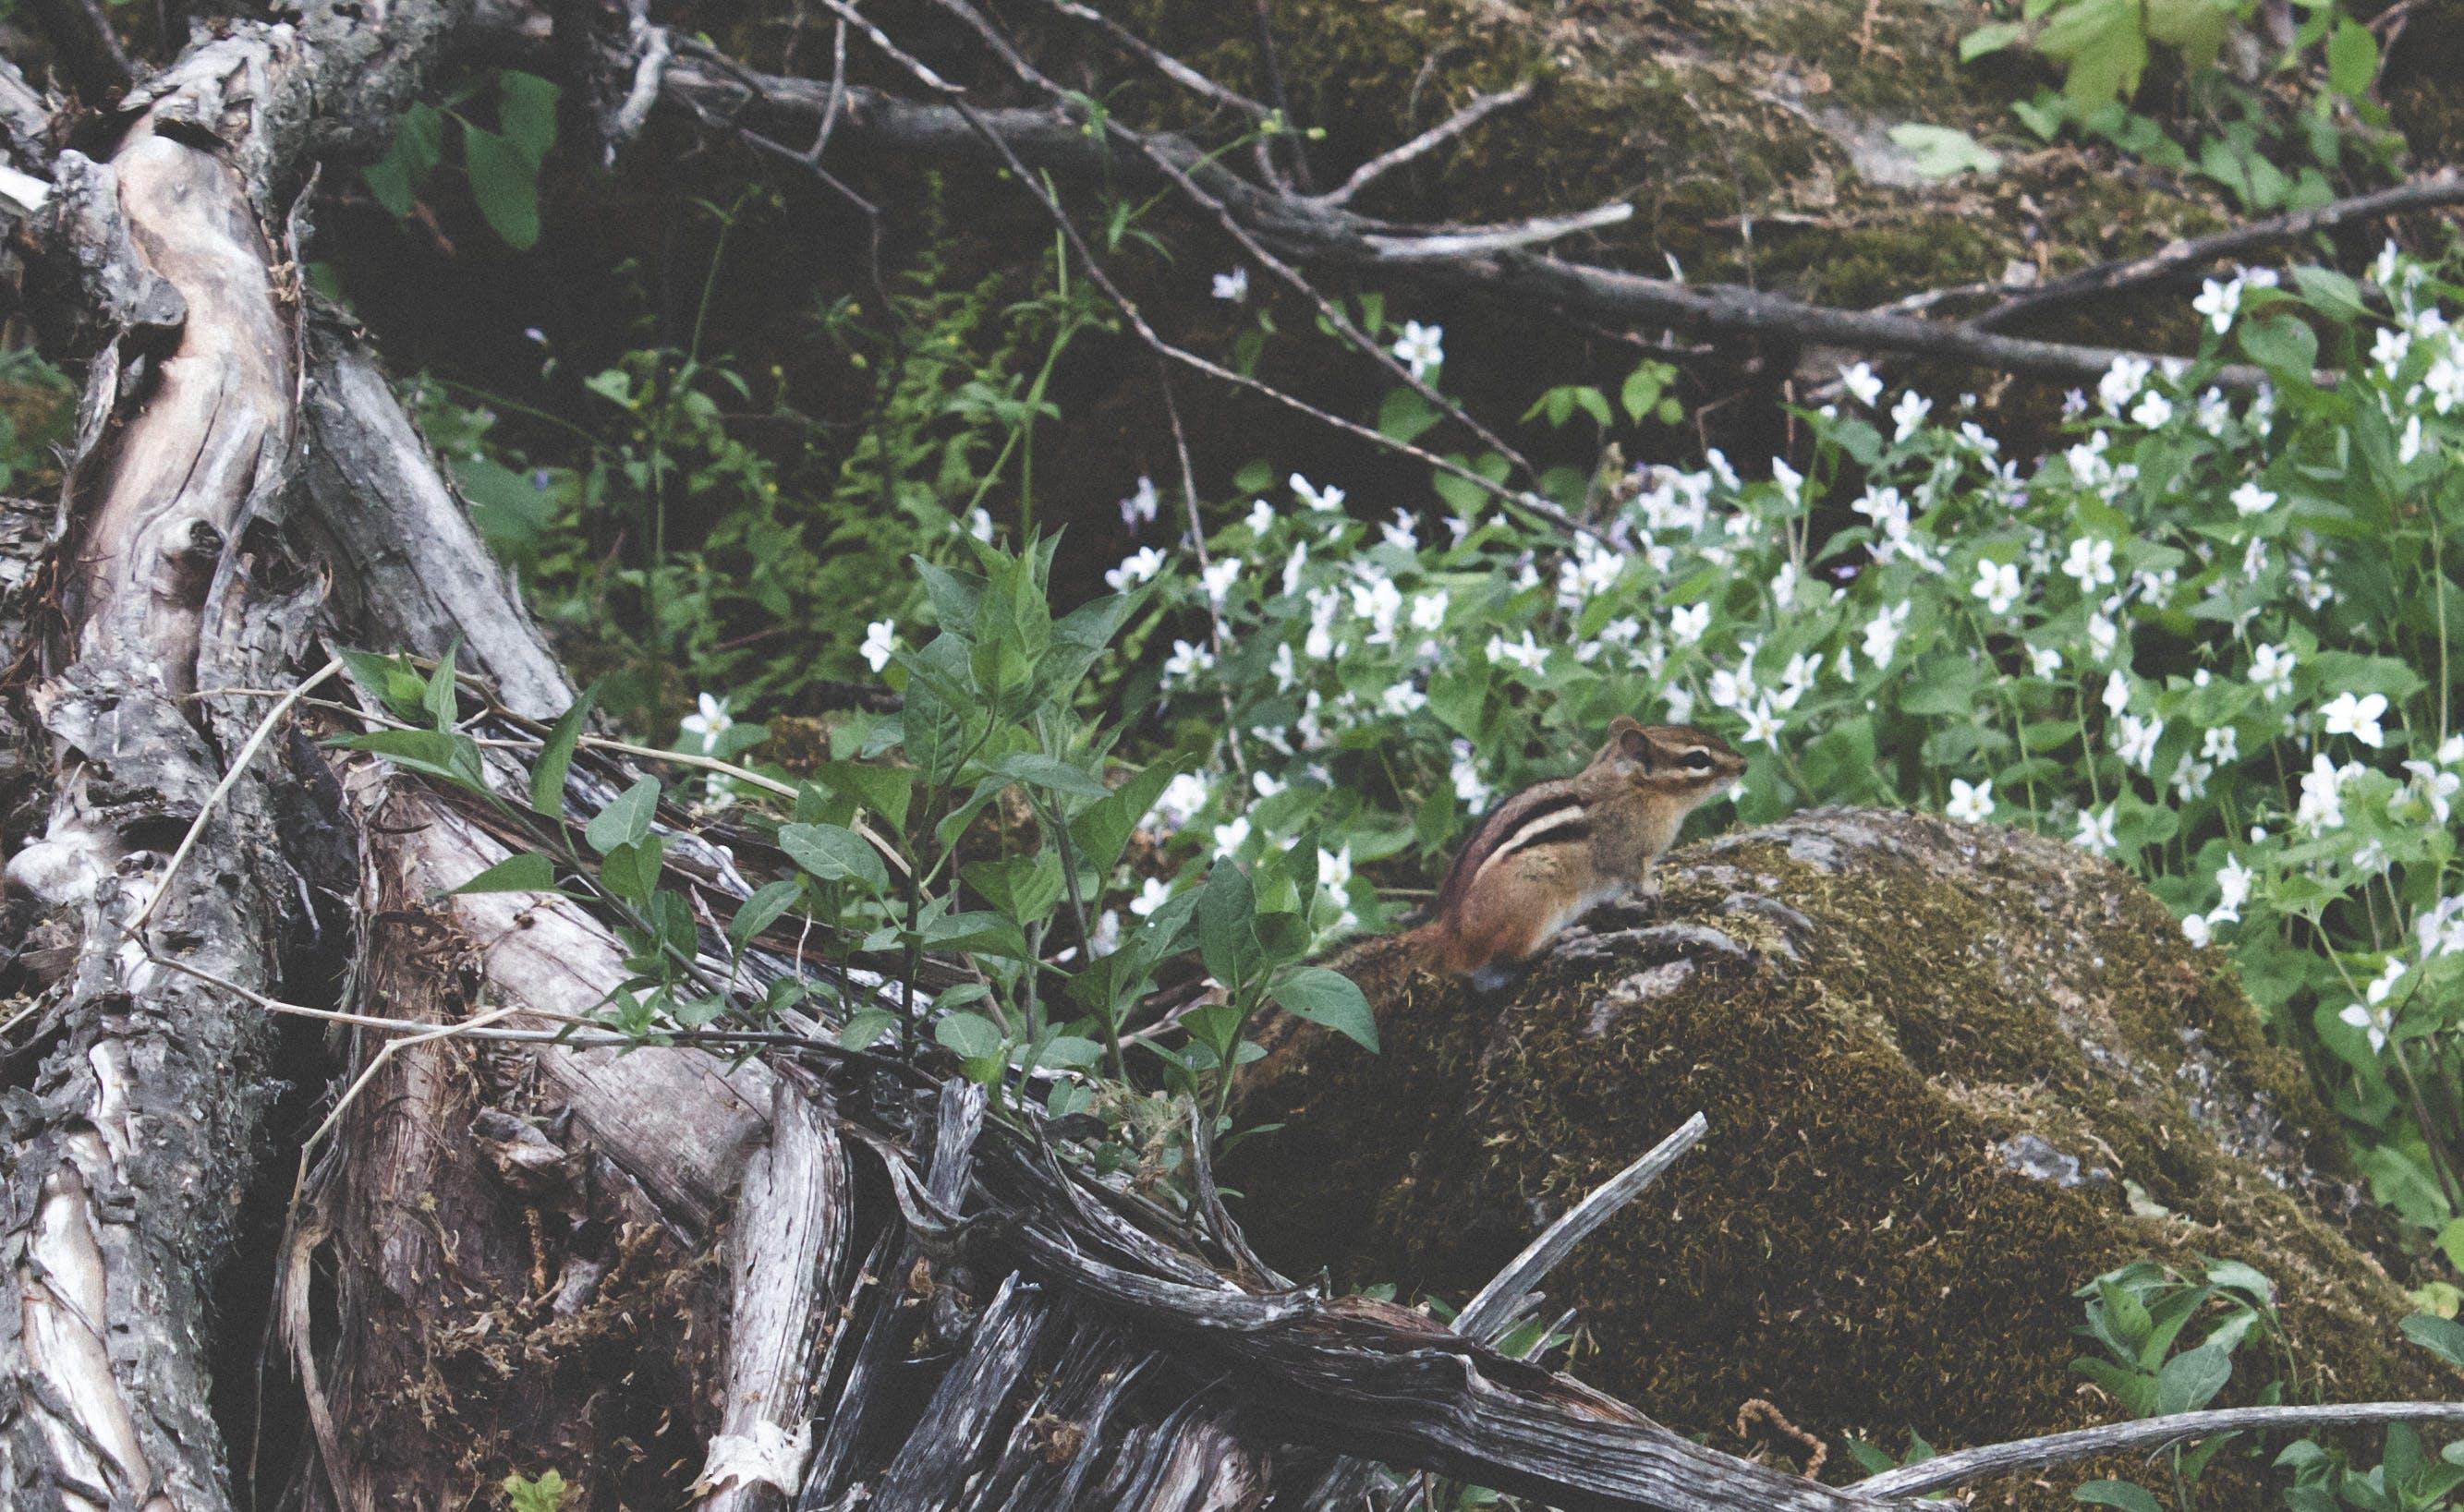 Fotos de stock gratuitas de ardilla, ardilla en el bosque, ardilla listada en la roca, ardilla rayada